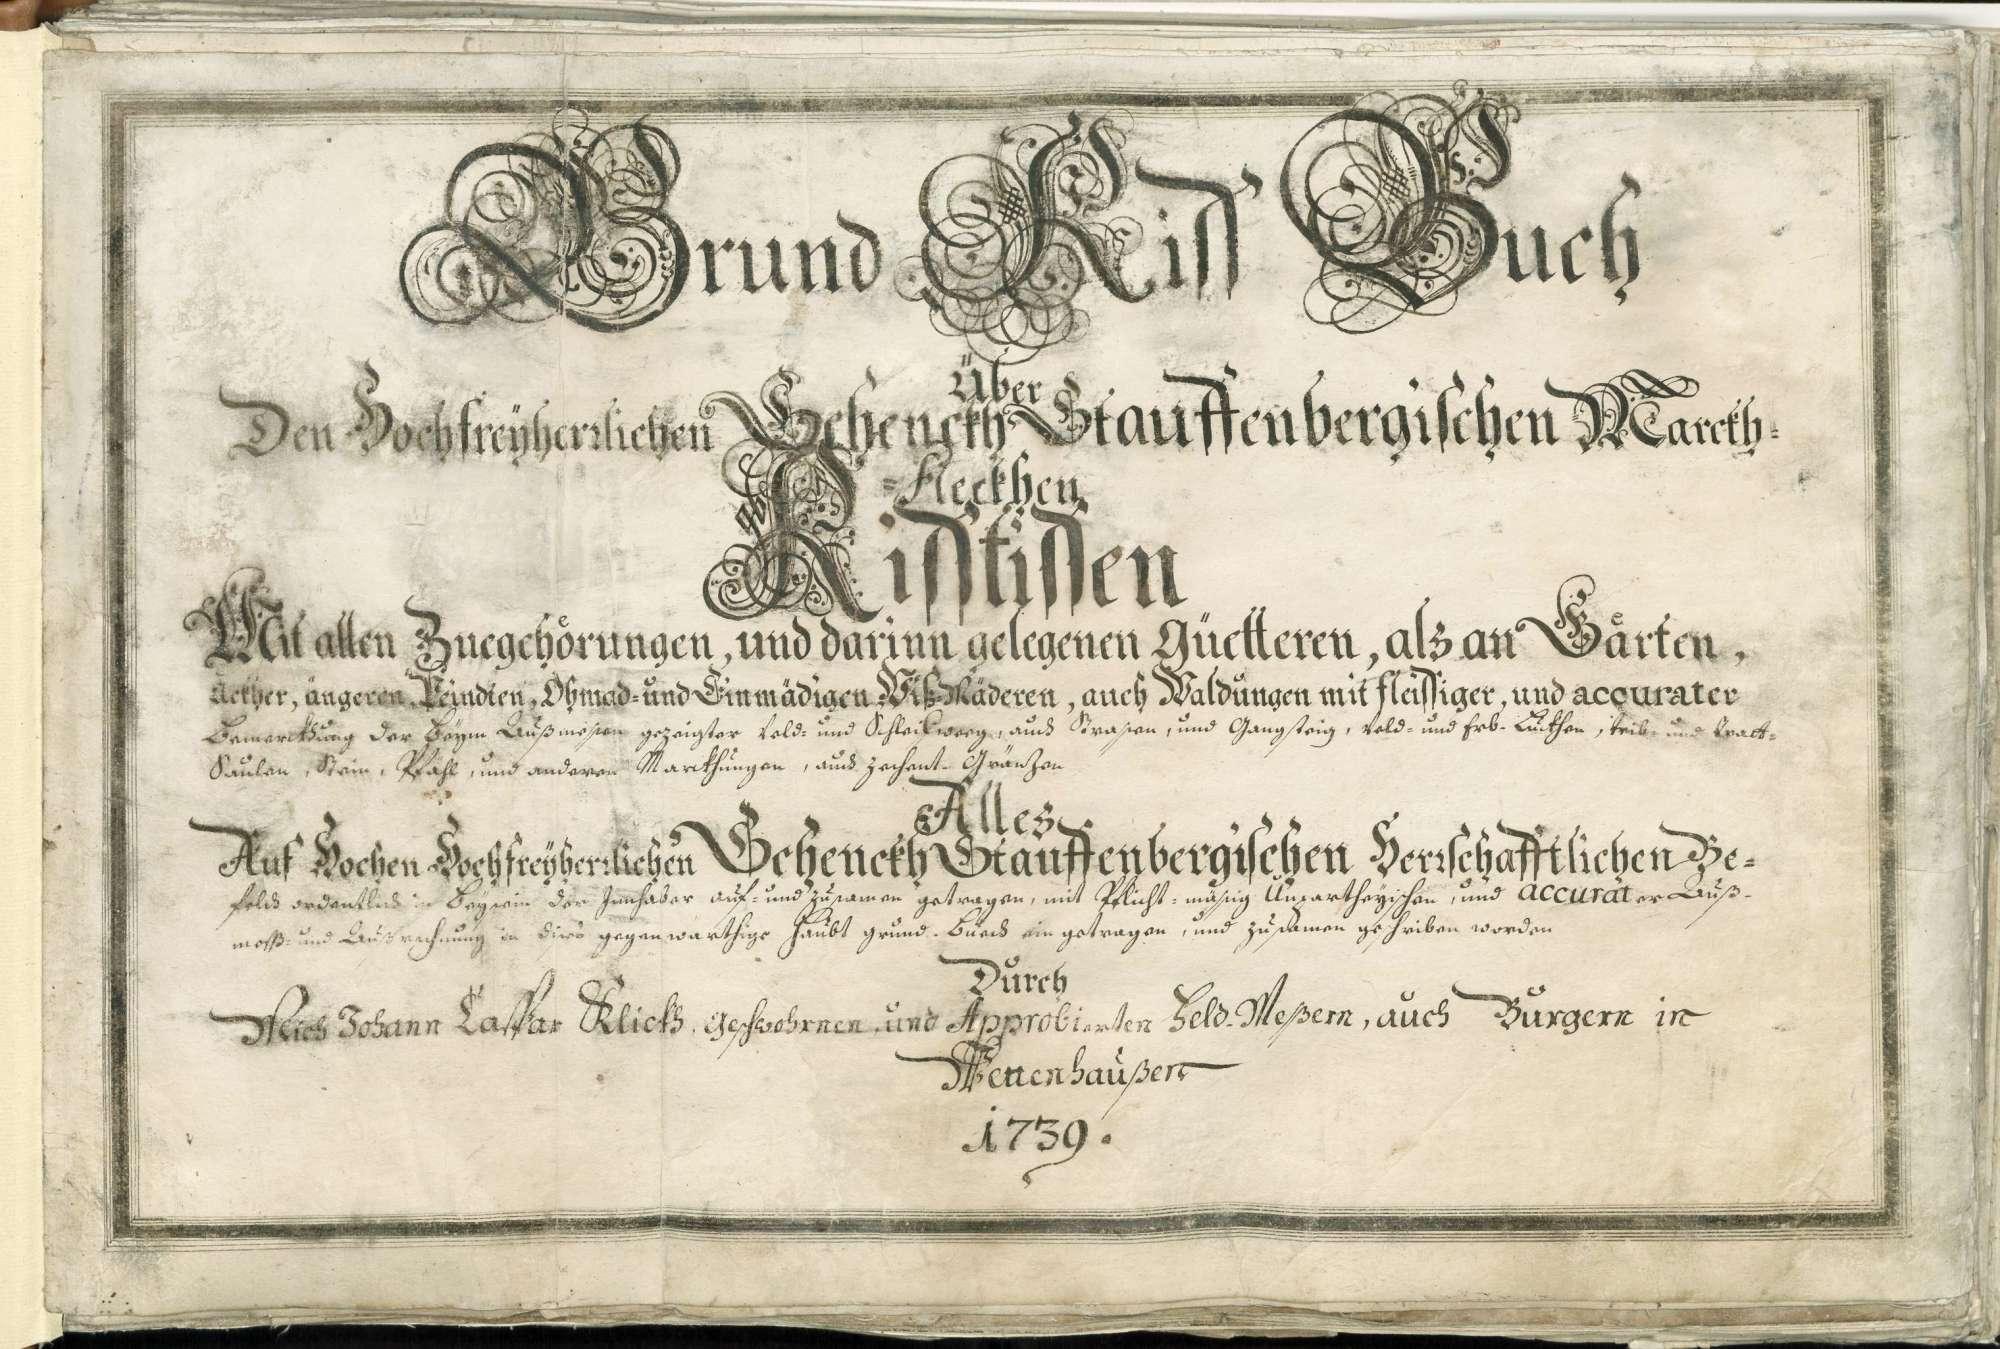 Grundrissbuch über den hochfreyherrlichen Schenckh Stauffenbergischen Markthfleckhen Ristissen, Bild 1